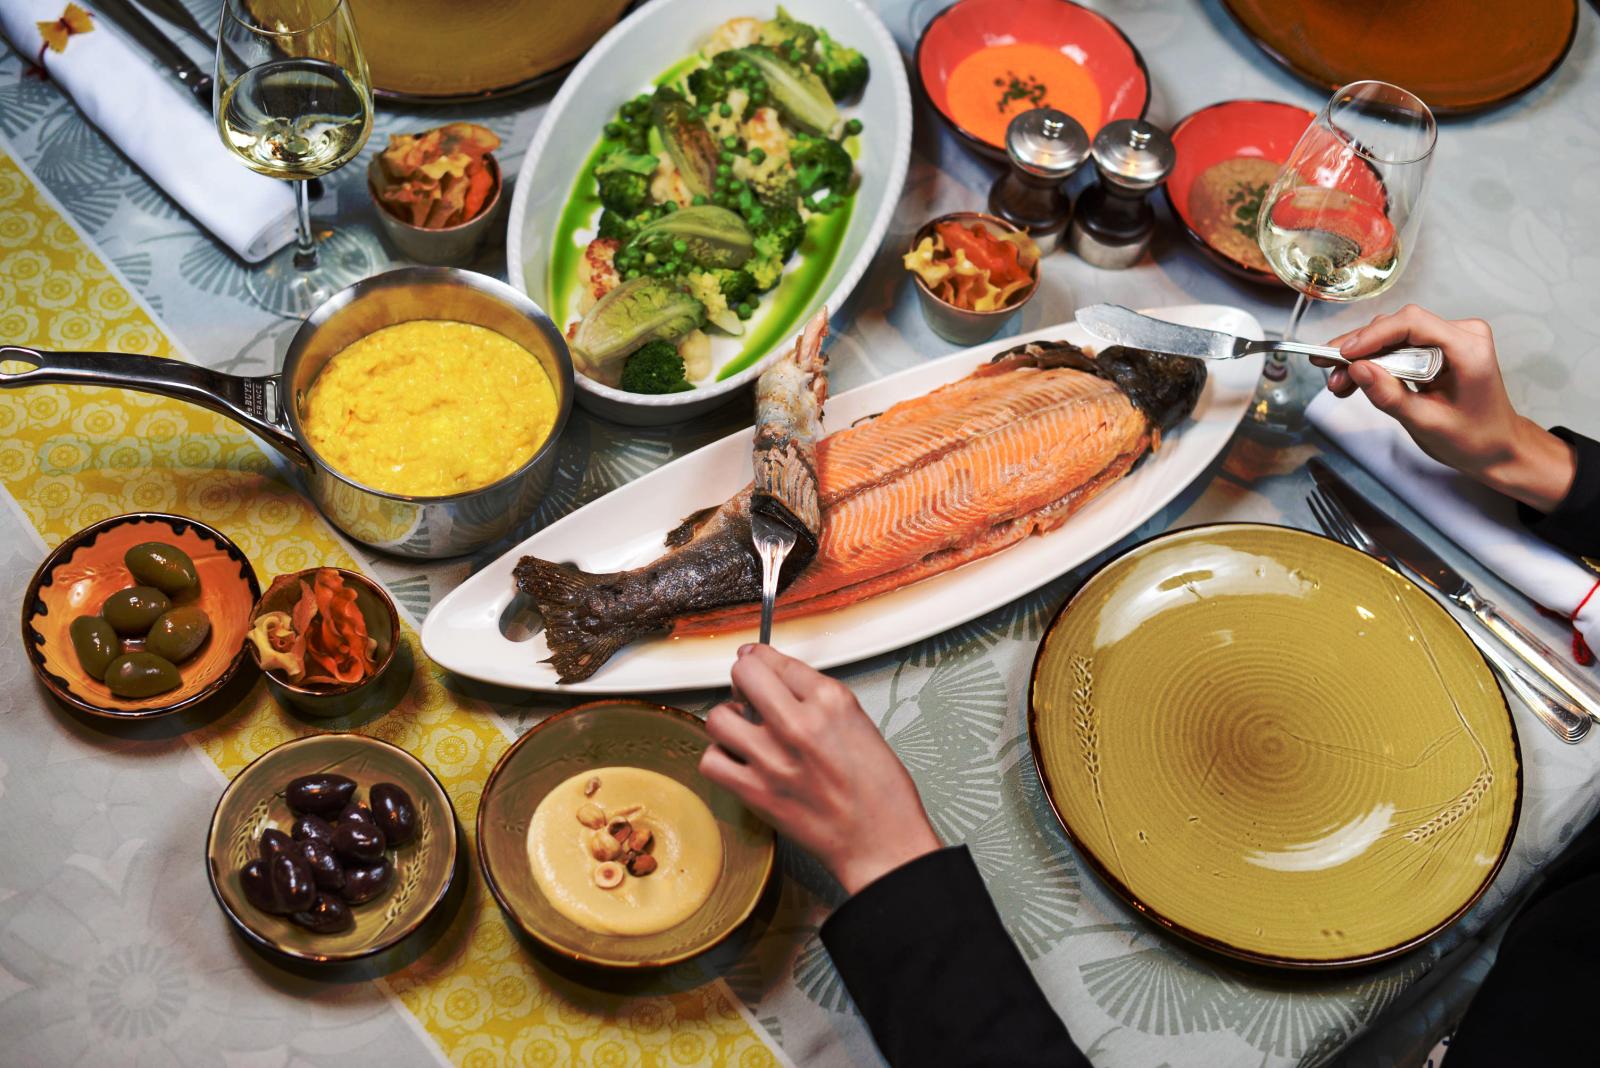 каждой-второй картинки воскресного семейного обеда дело только том